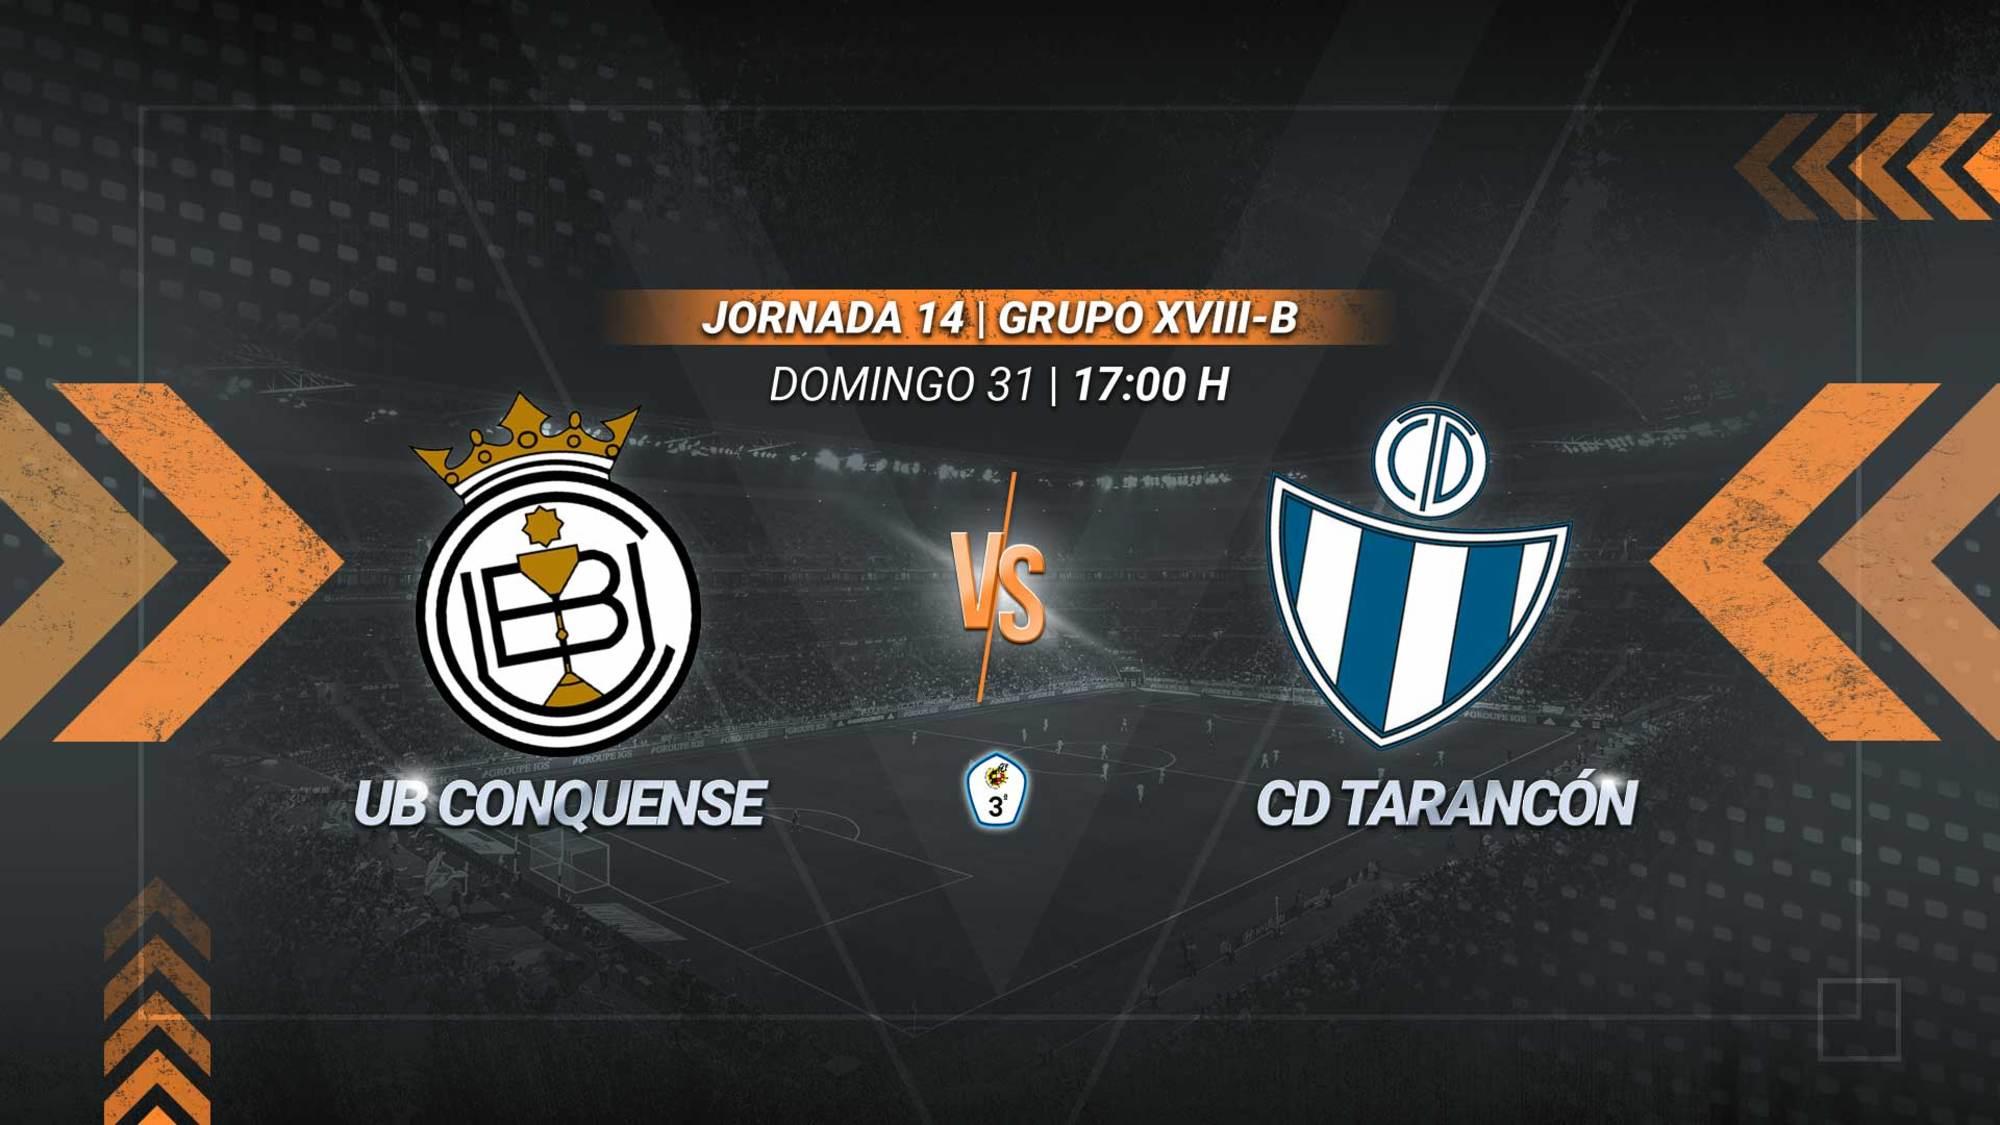 Contundente victoria del Tarancón en La Fuensanta con goles de Iván Gil y Cheki en dos ocasiones. Los taranconeros se colocan segundos en la tabla, mientras la Balompédica incrementa sus dudas con la segunda derrota consecutiva.